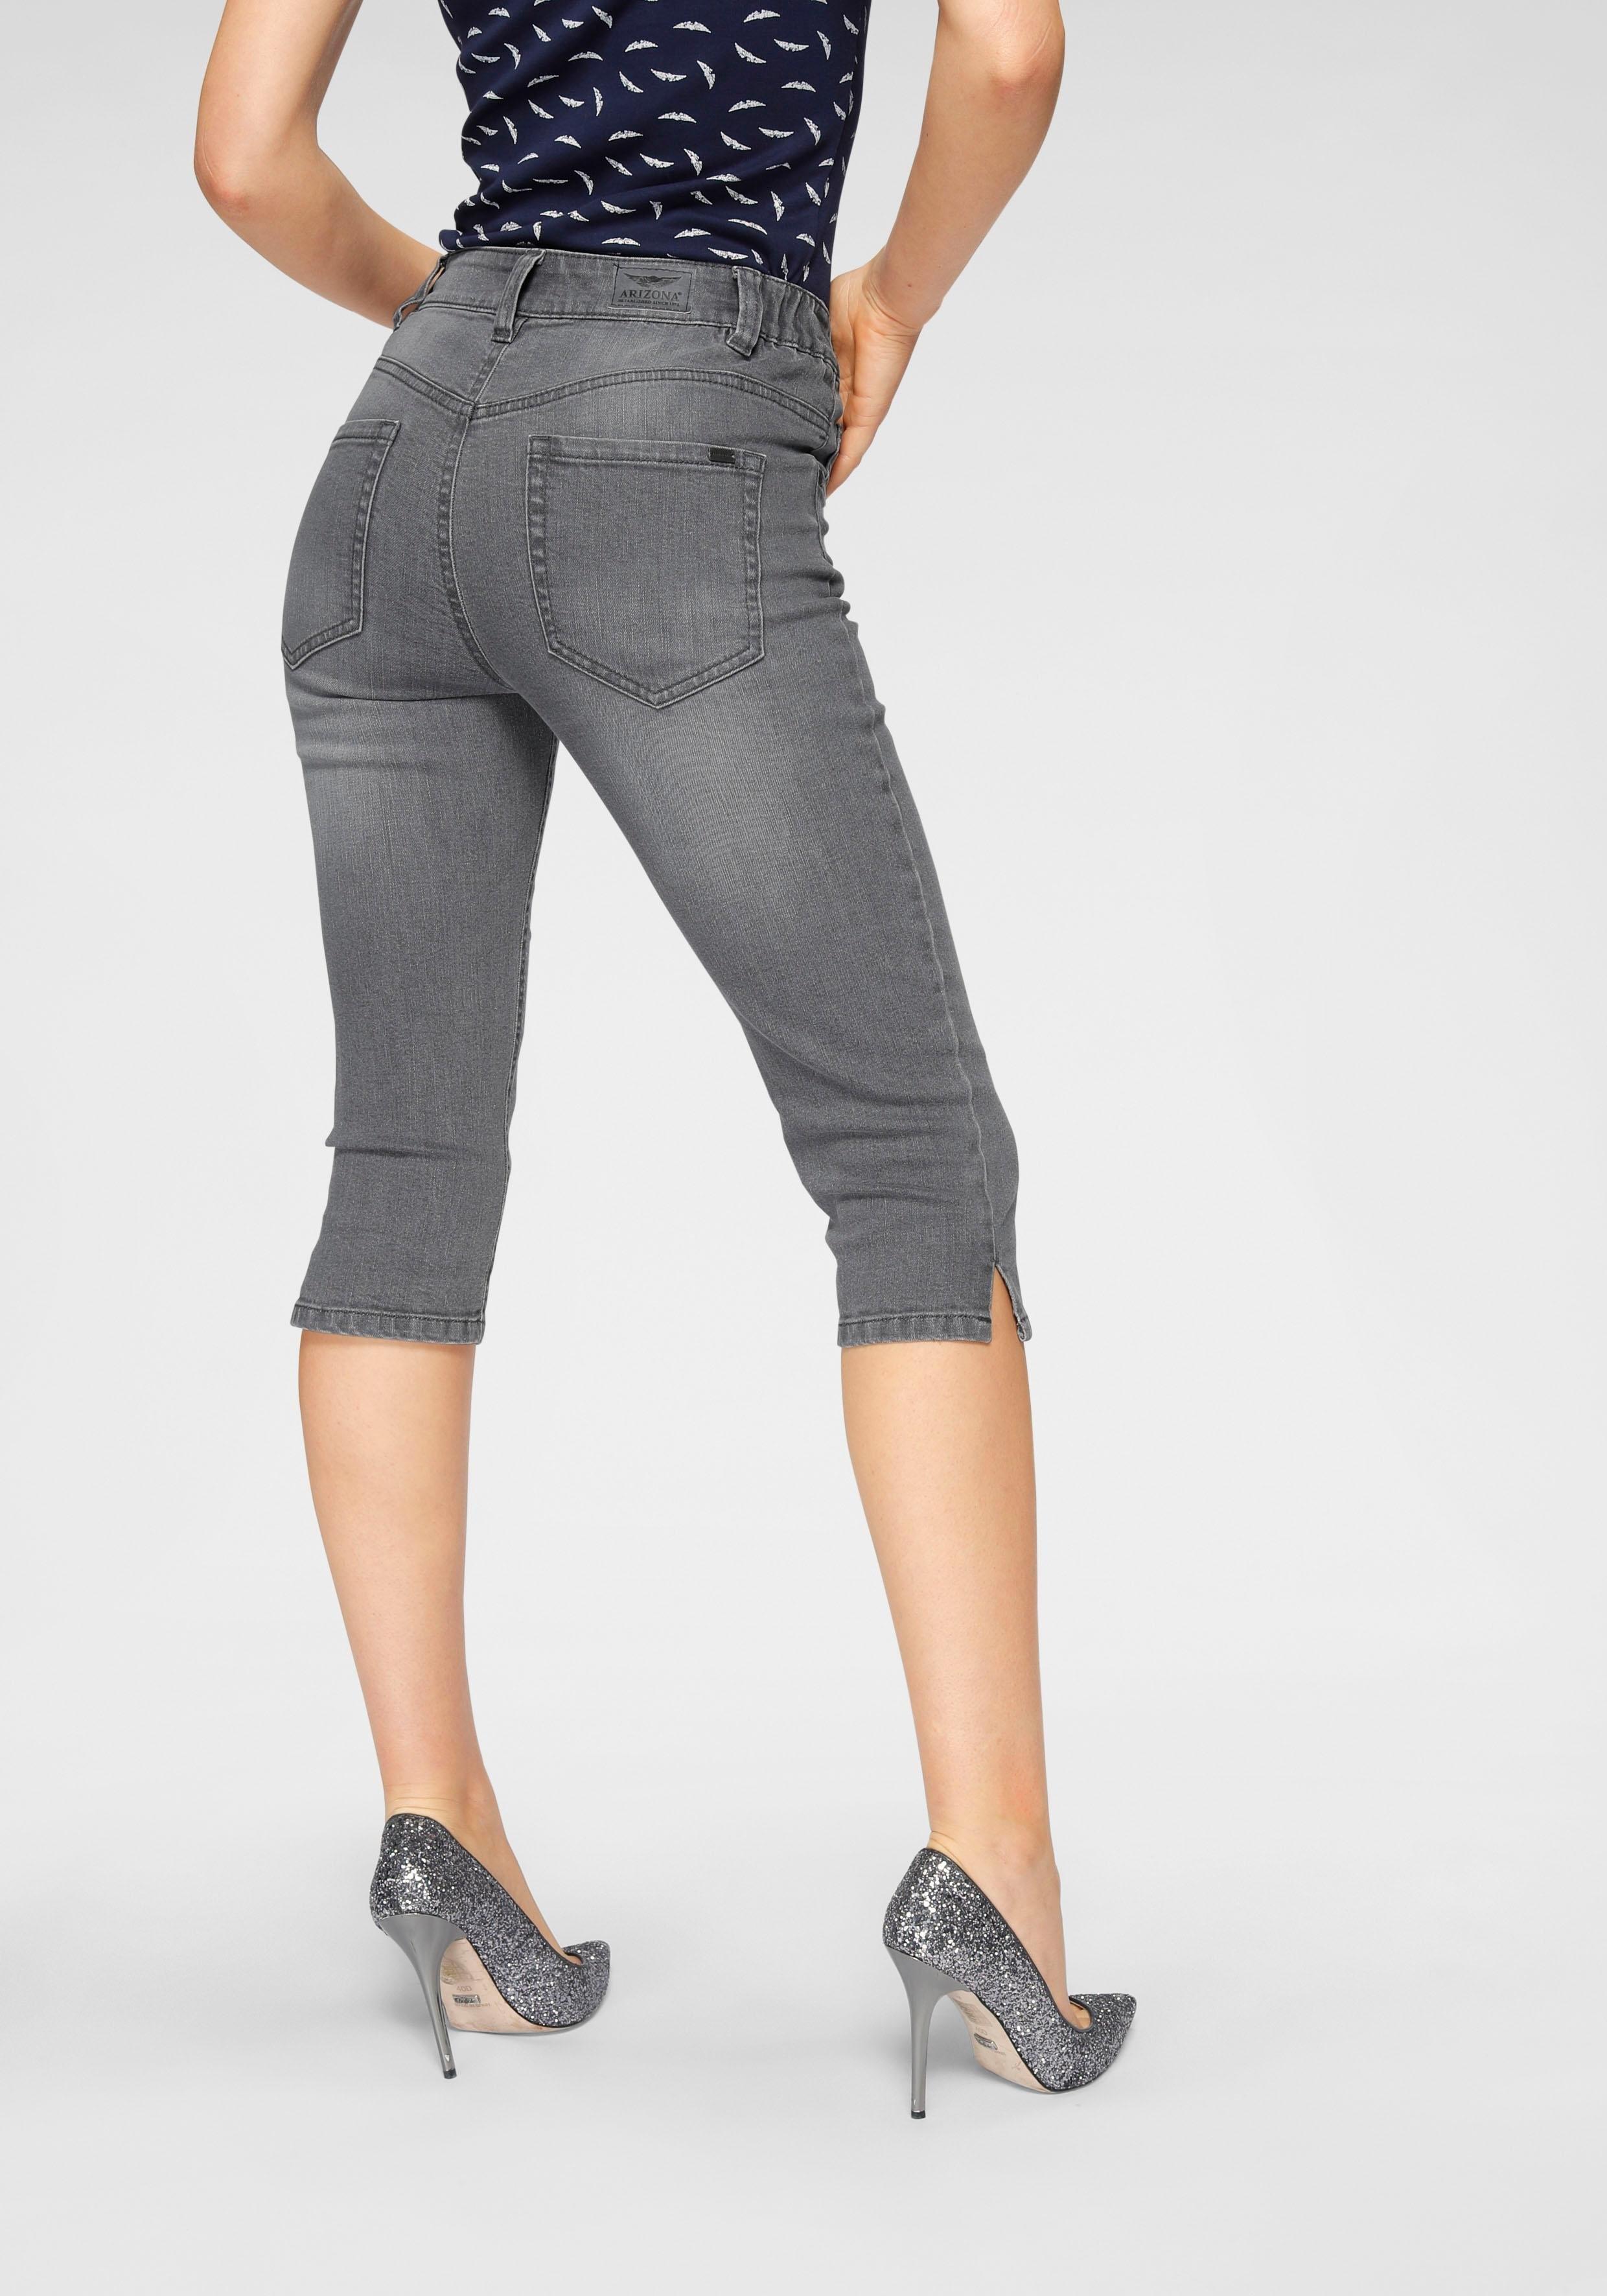 ARIZONA capri jeans »Svenja - Bund mit seitlichem Gummizugeinsatz« goedkoop op otto.nl kopen